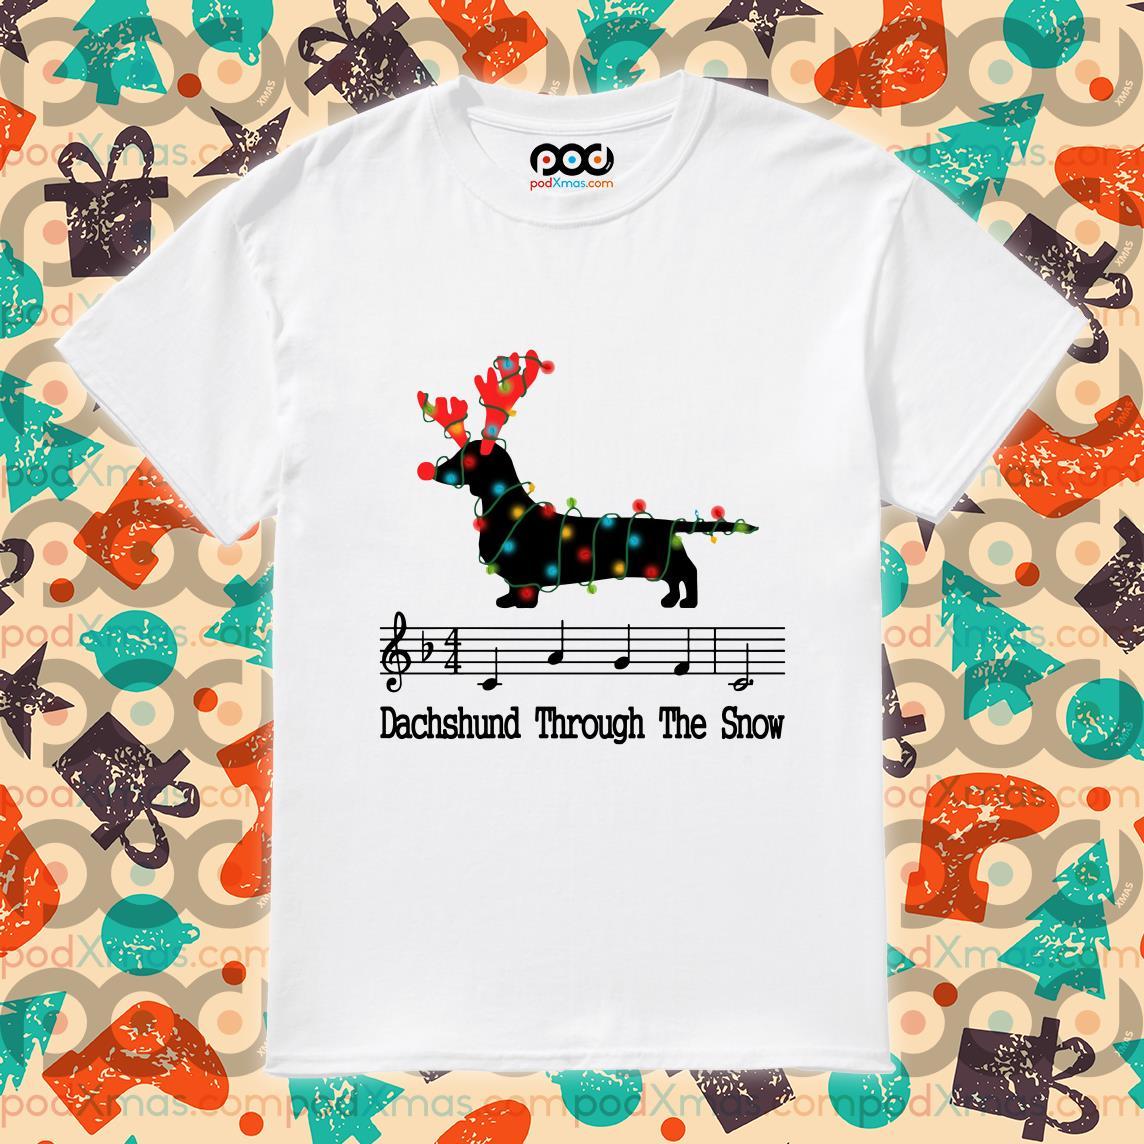 Dachshund Through the snow Tab Sheet Music shirt